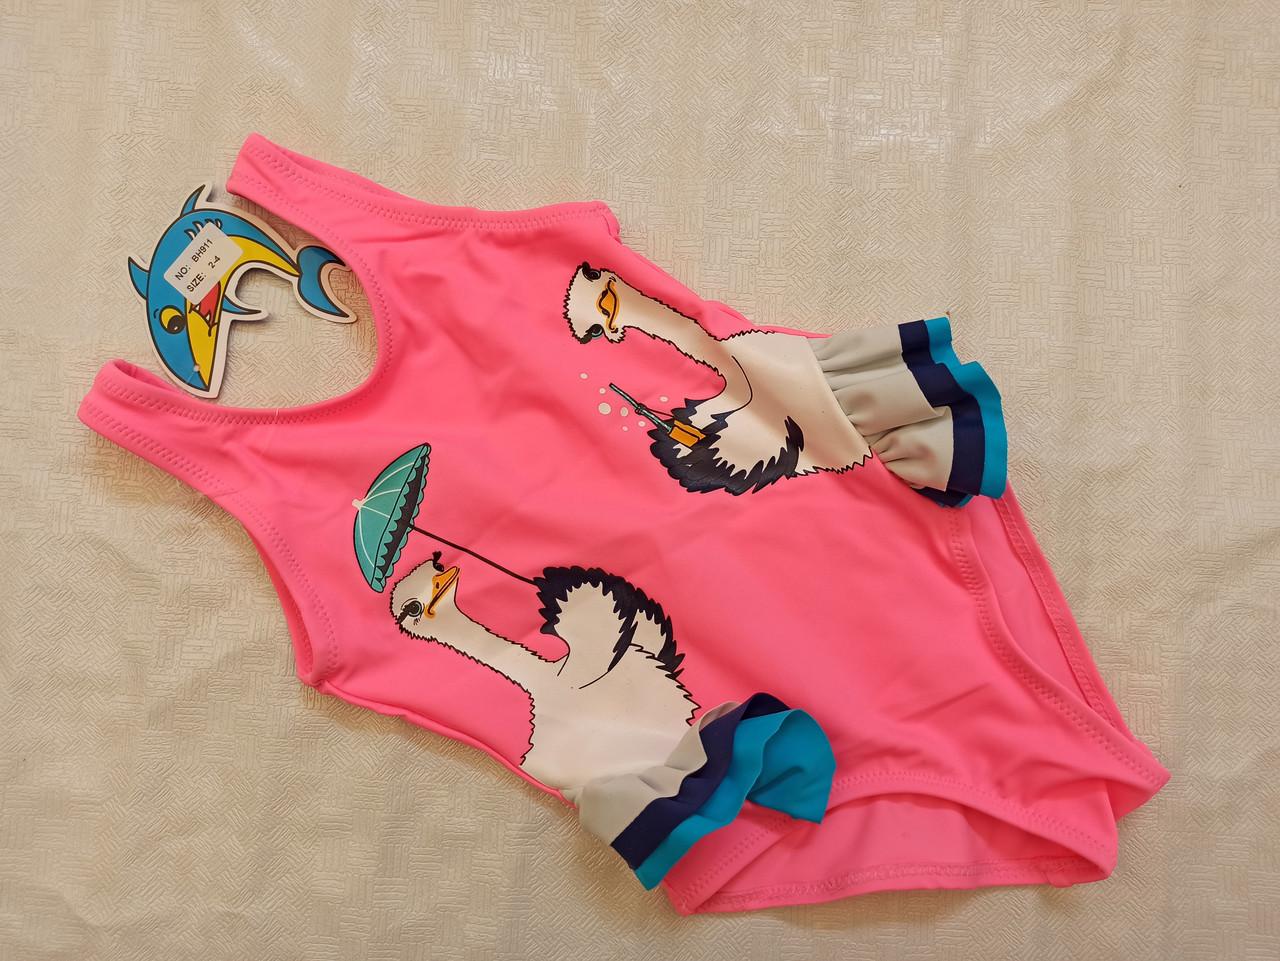 Купальник  слитный детский 911 Зонтик TERES розовый (В НАЛИЧИИ ТОЛЬКО  28 30 32 34  размеры)